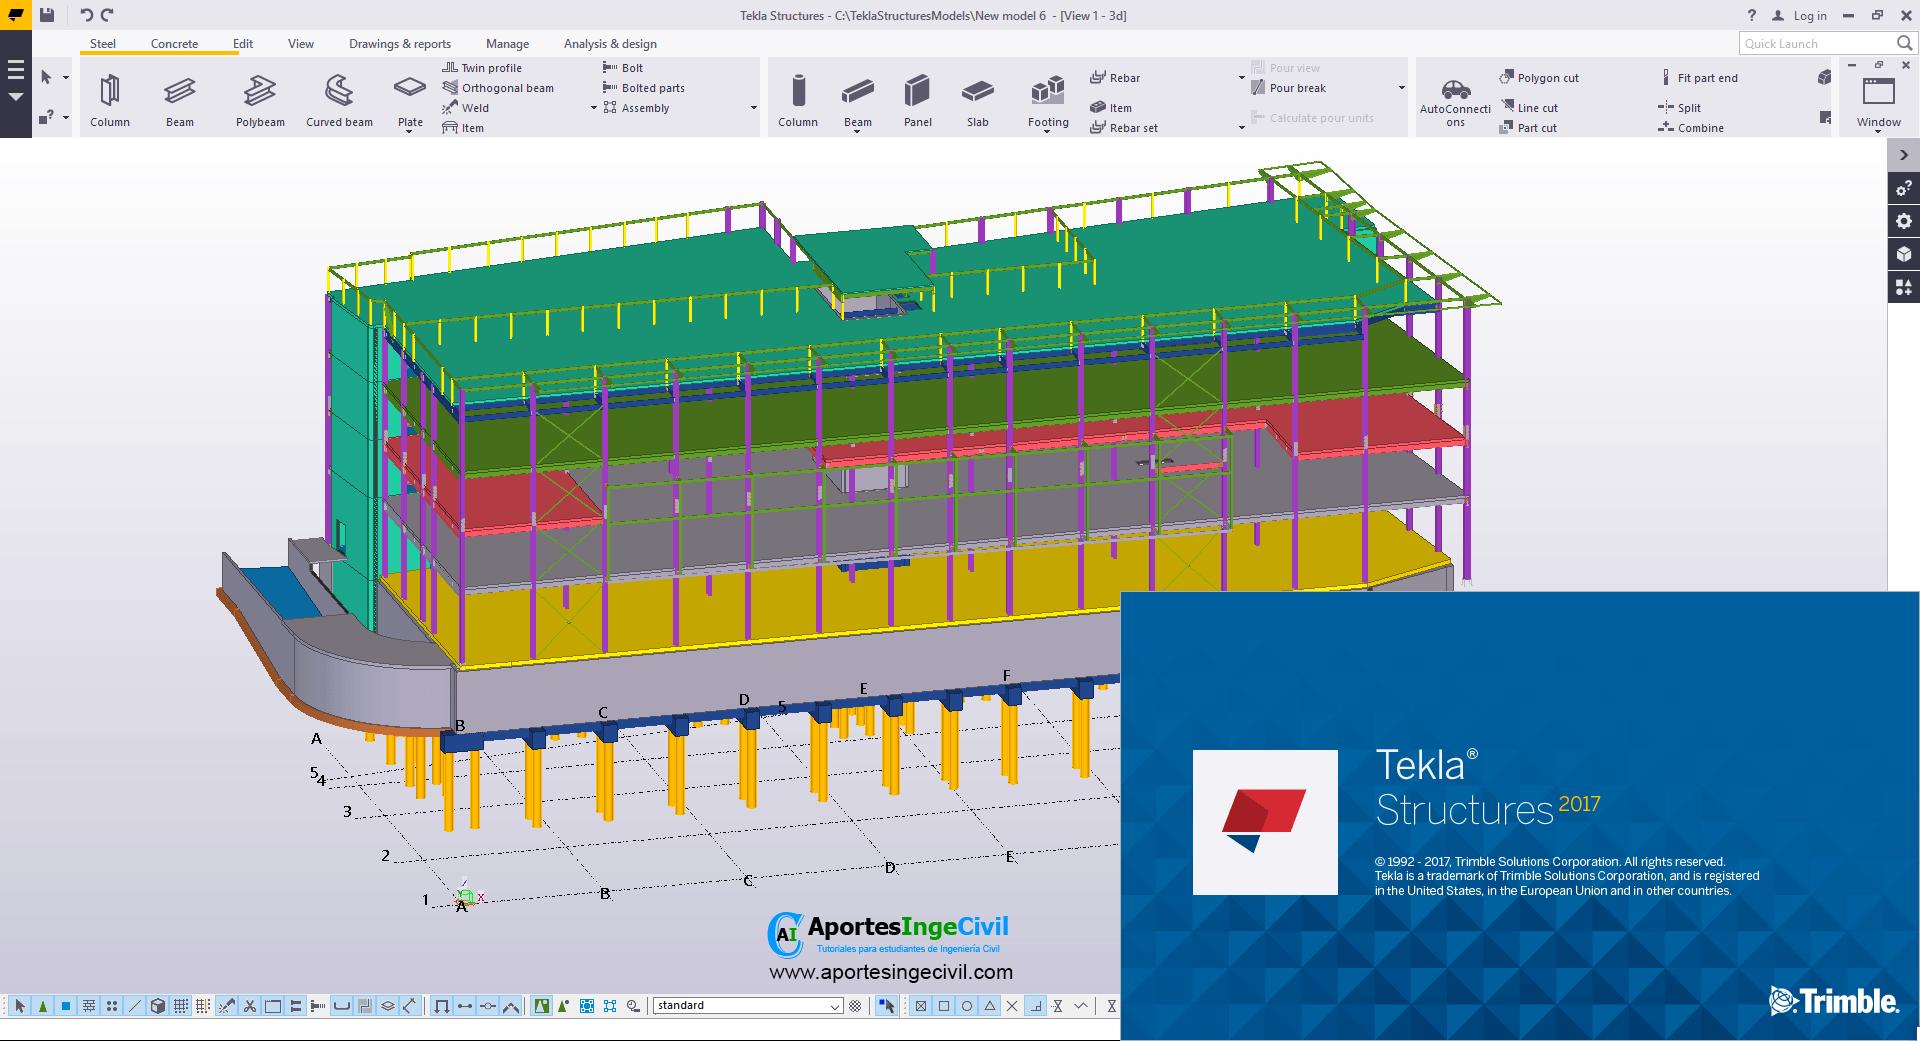 Design with Tekla Structures v2017 SP1 full